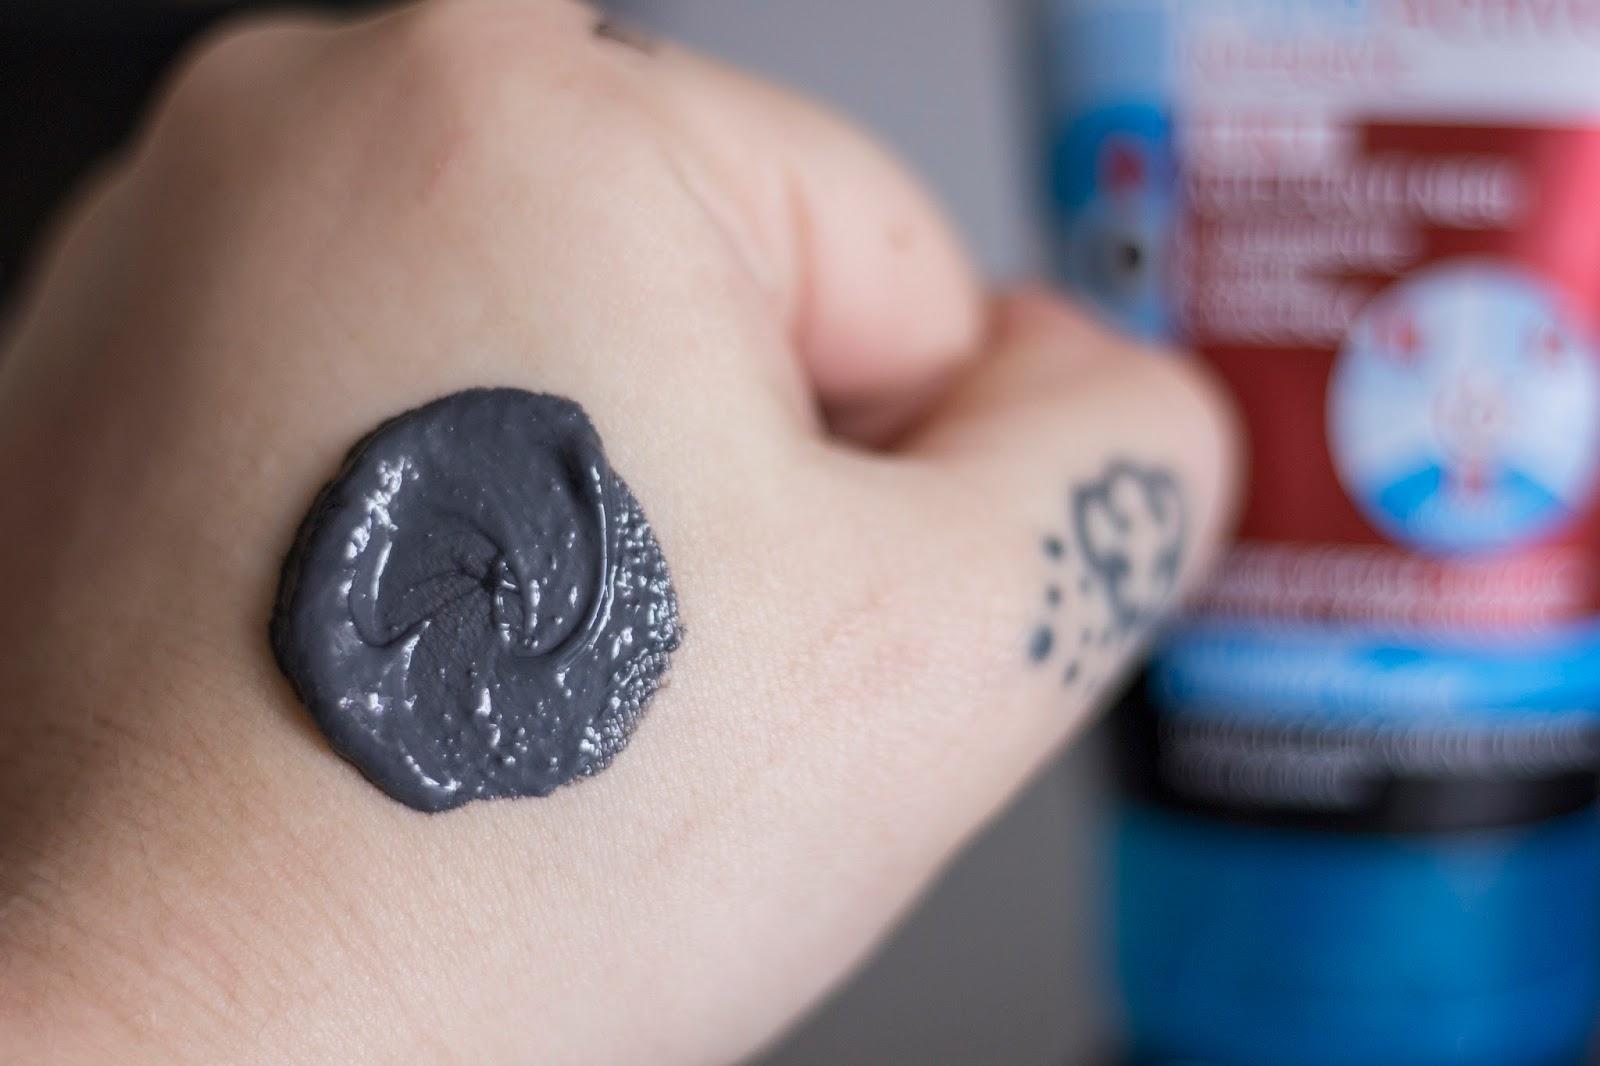 La maschera schiarente da punti neri per la persona da gelatina e latte da nero